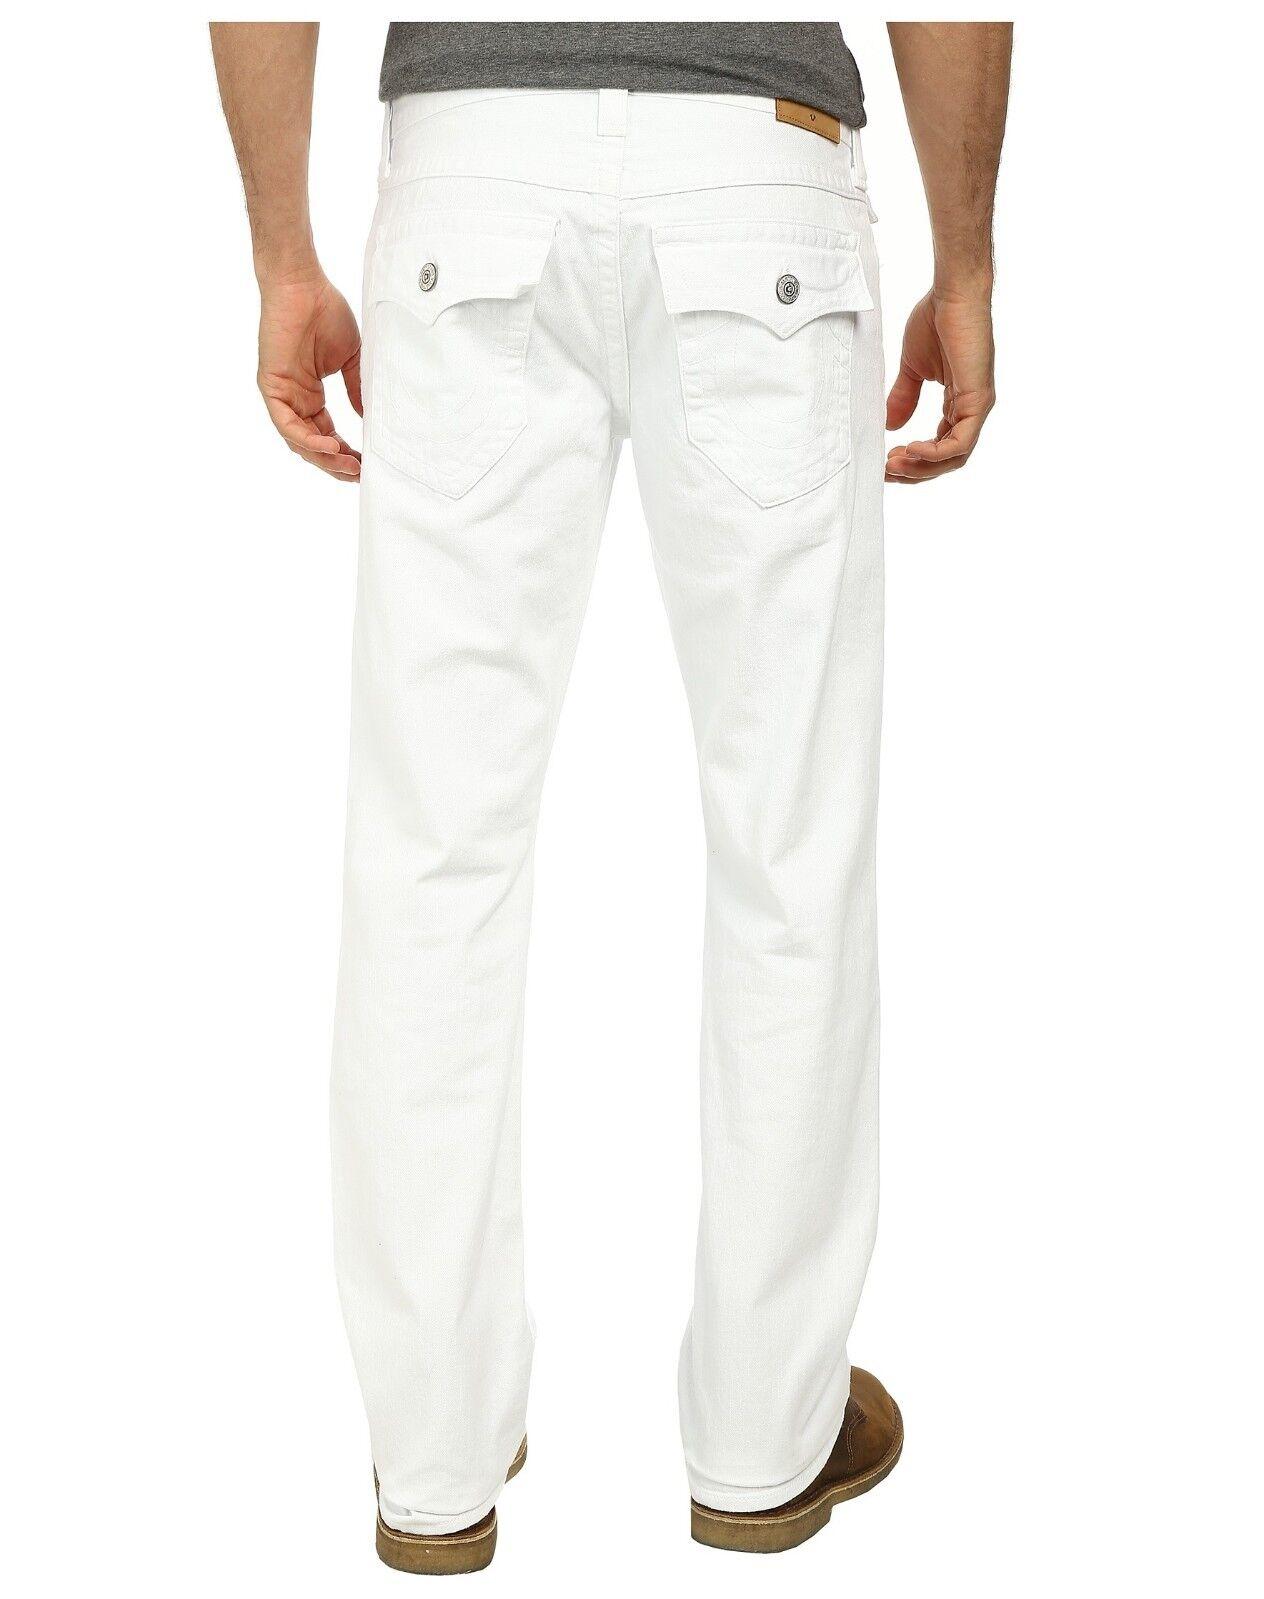 Men's True Religion Brand Ricky Optic White Straight Leg Jeans Pants New